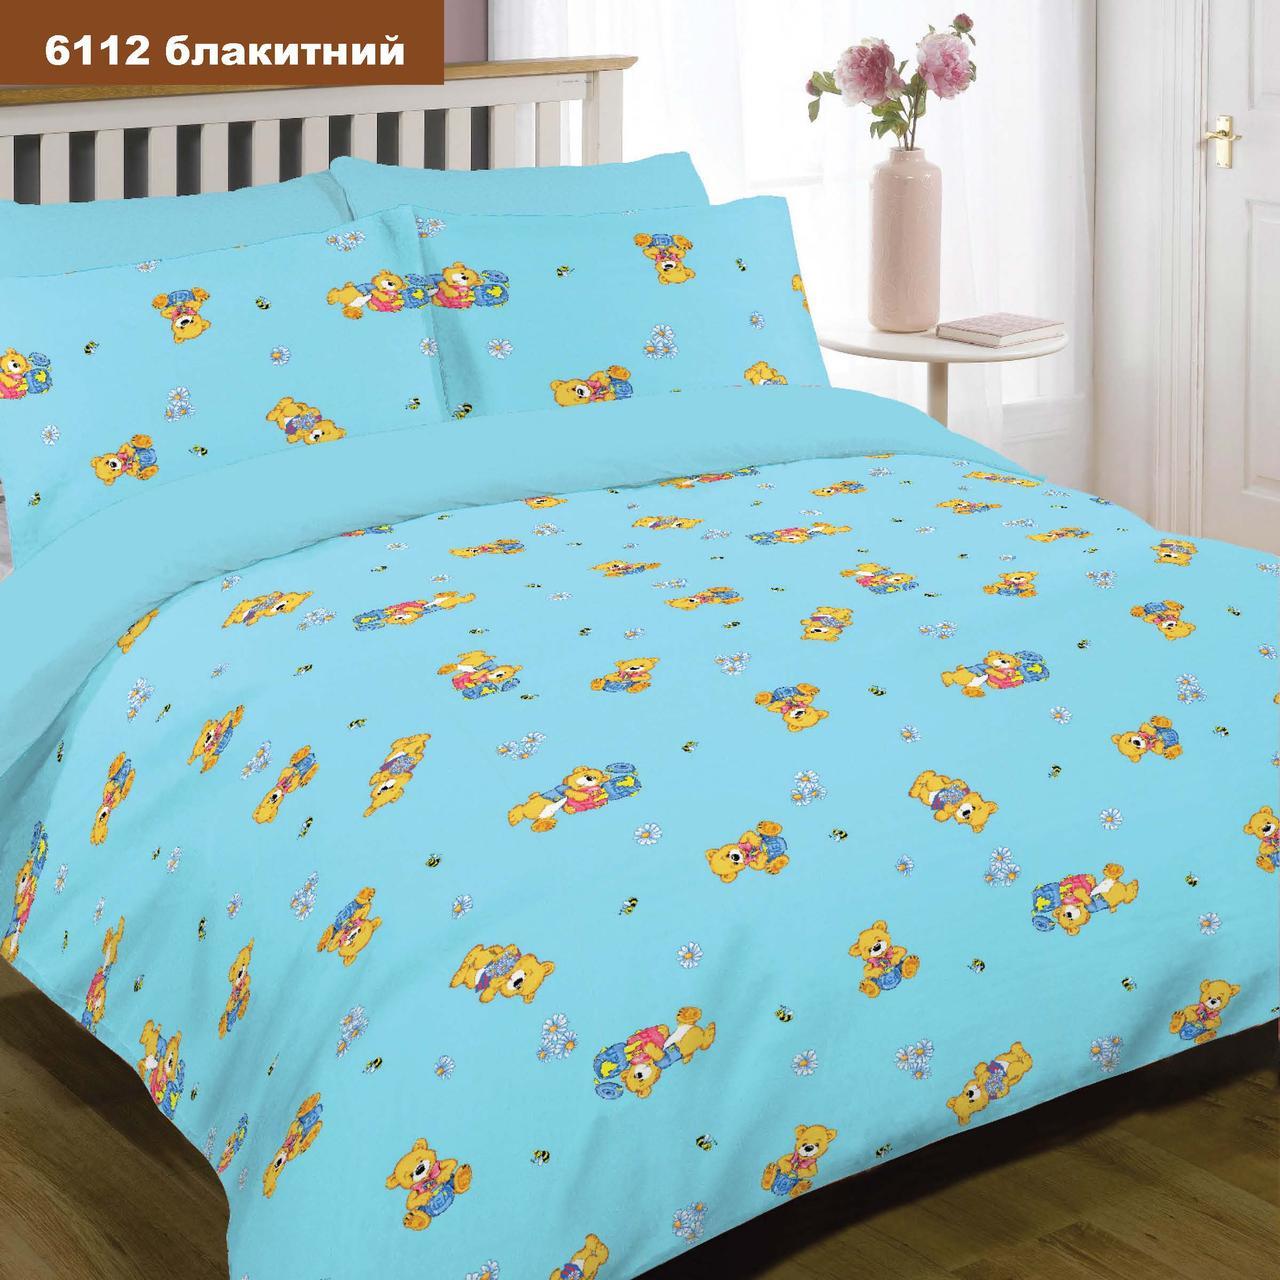 Постельное белье для малышей в кроватку 6112 голубой Viluta